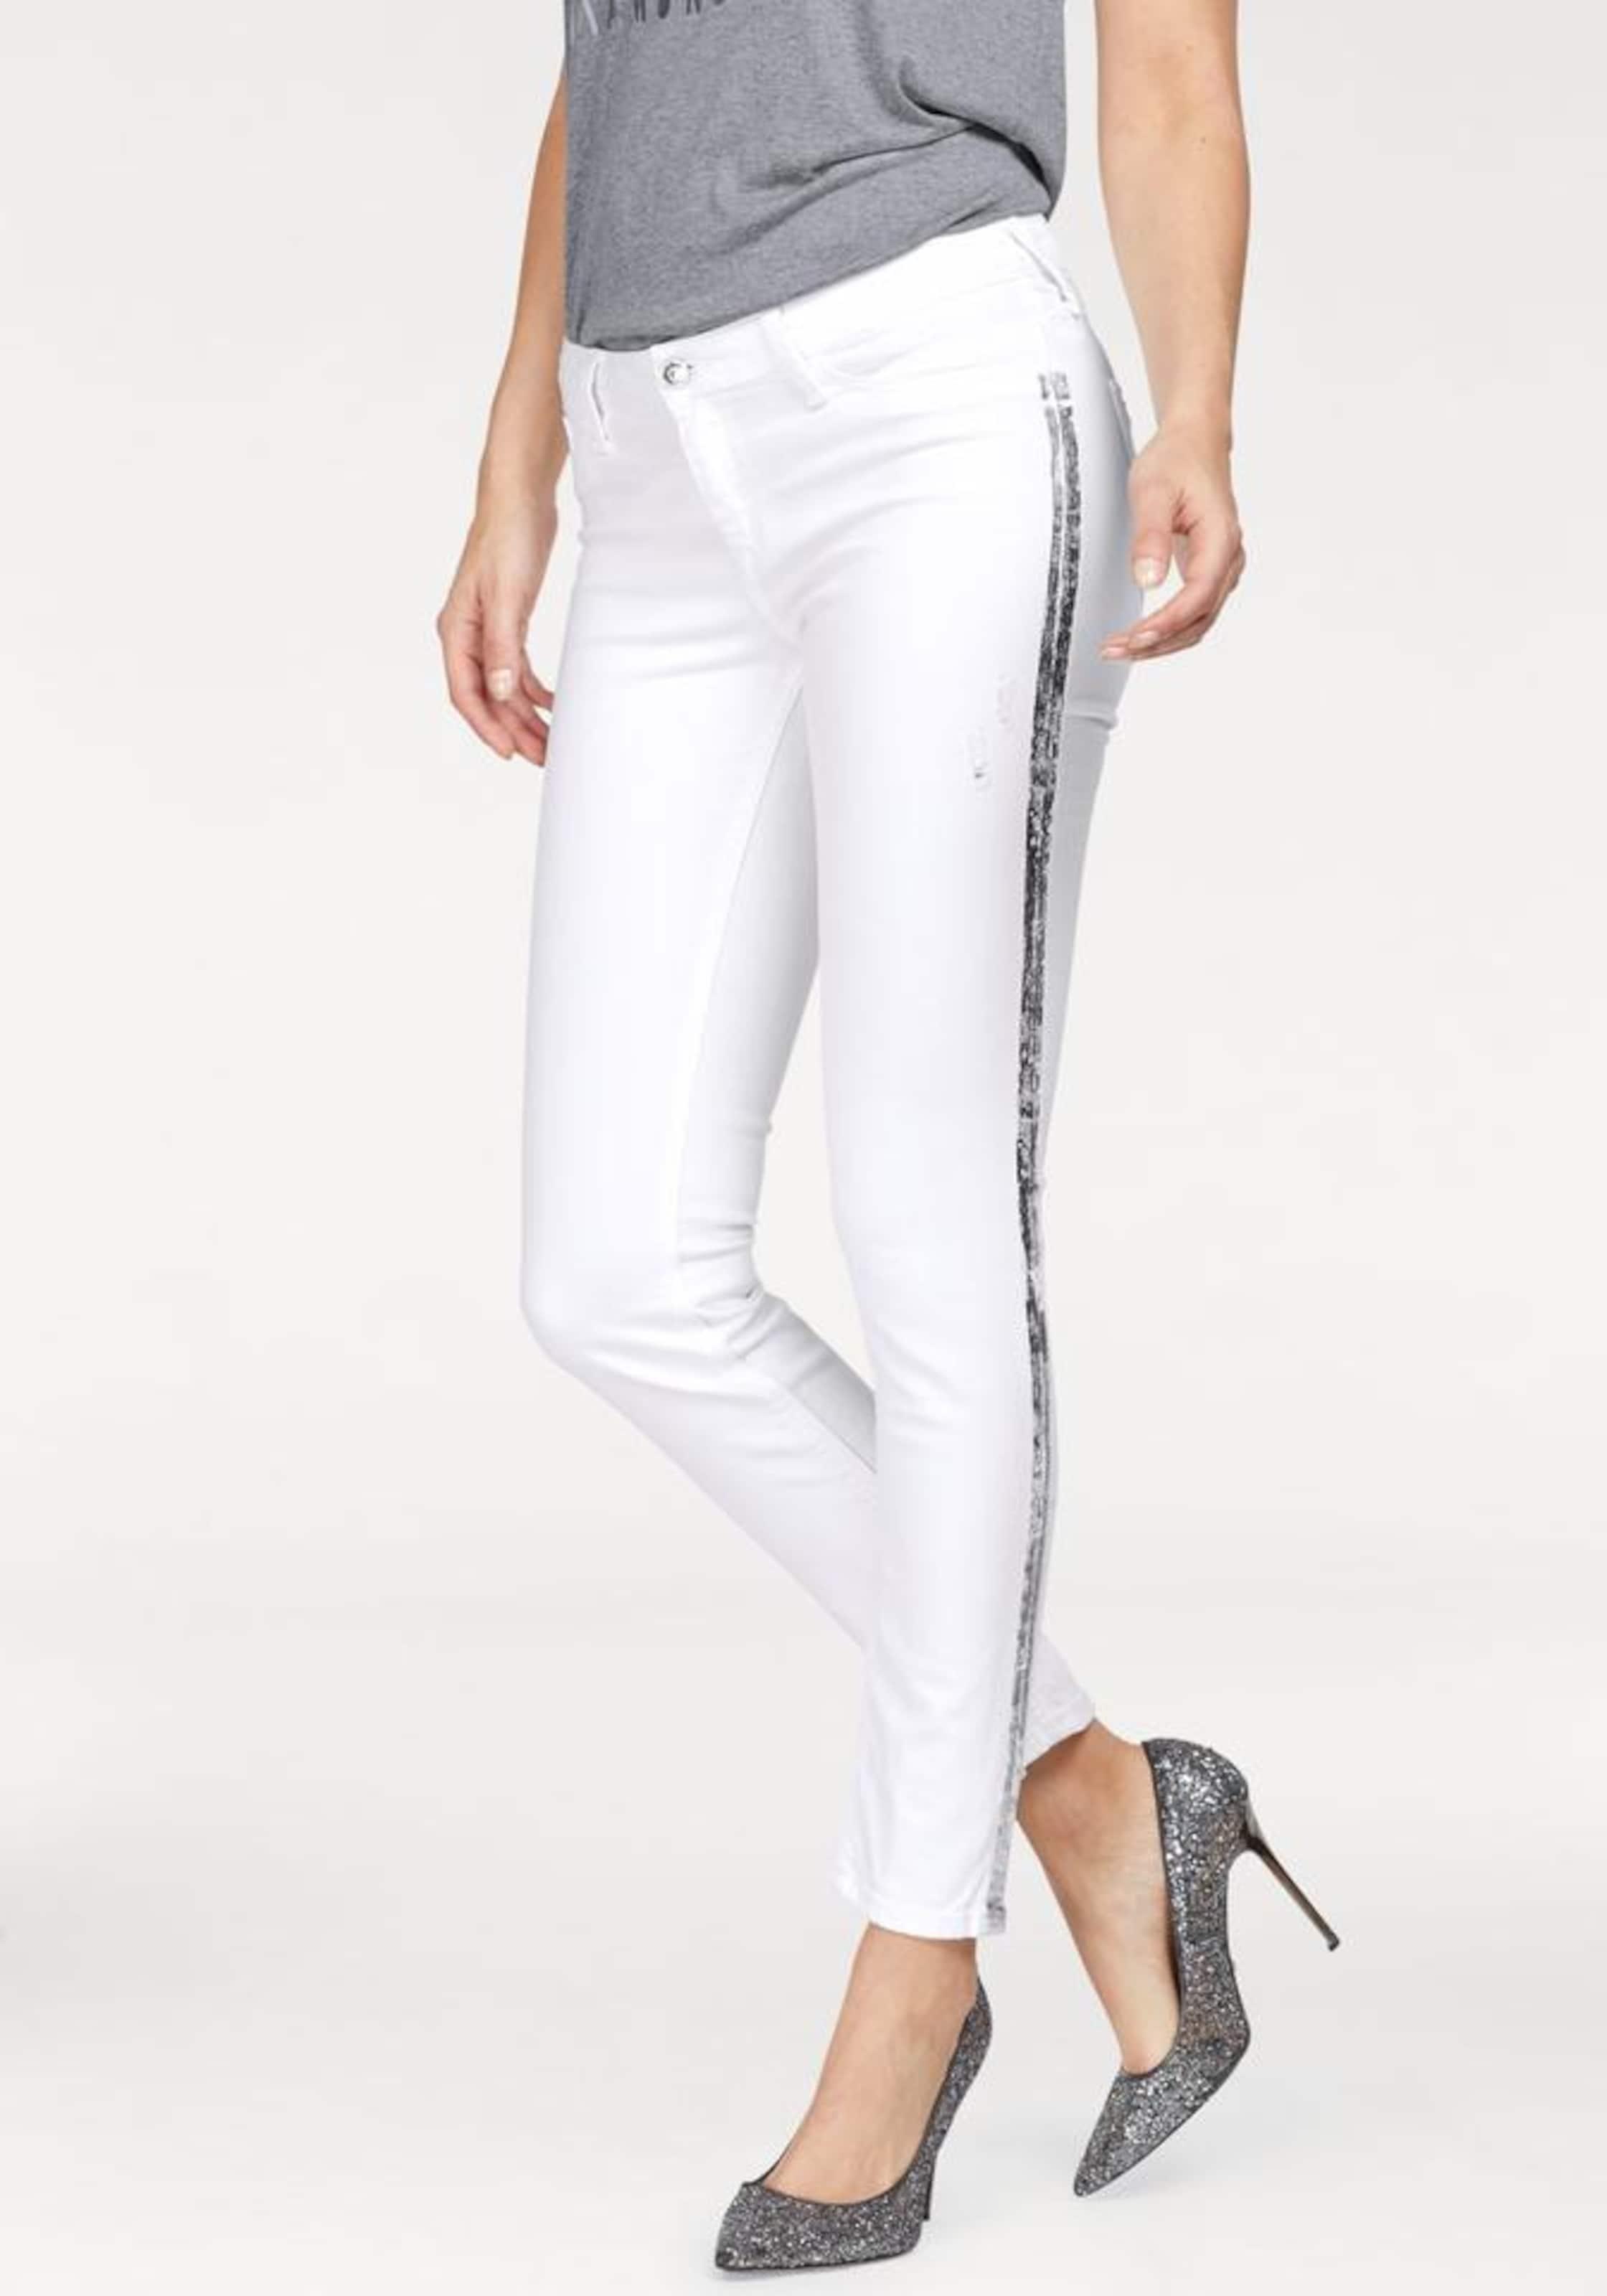 Cross Jeans Stretch-Jeans Erscheinungsdaten Verkauf Besten Großhandels 2018 Neue Offizielle Seite Bestpreis KEv7bBTwXk